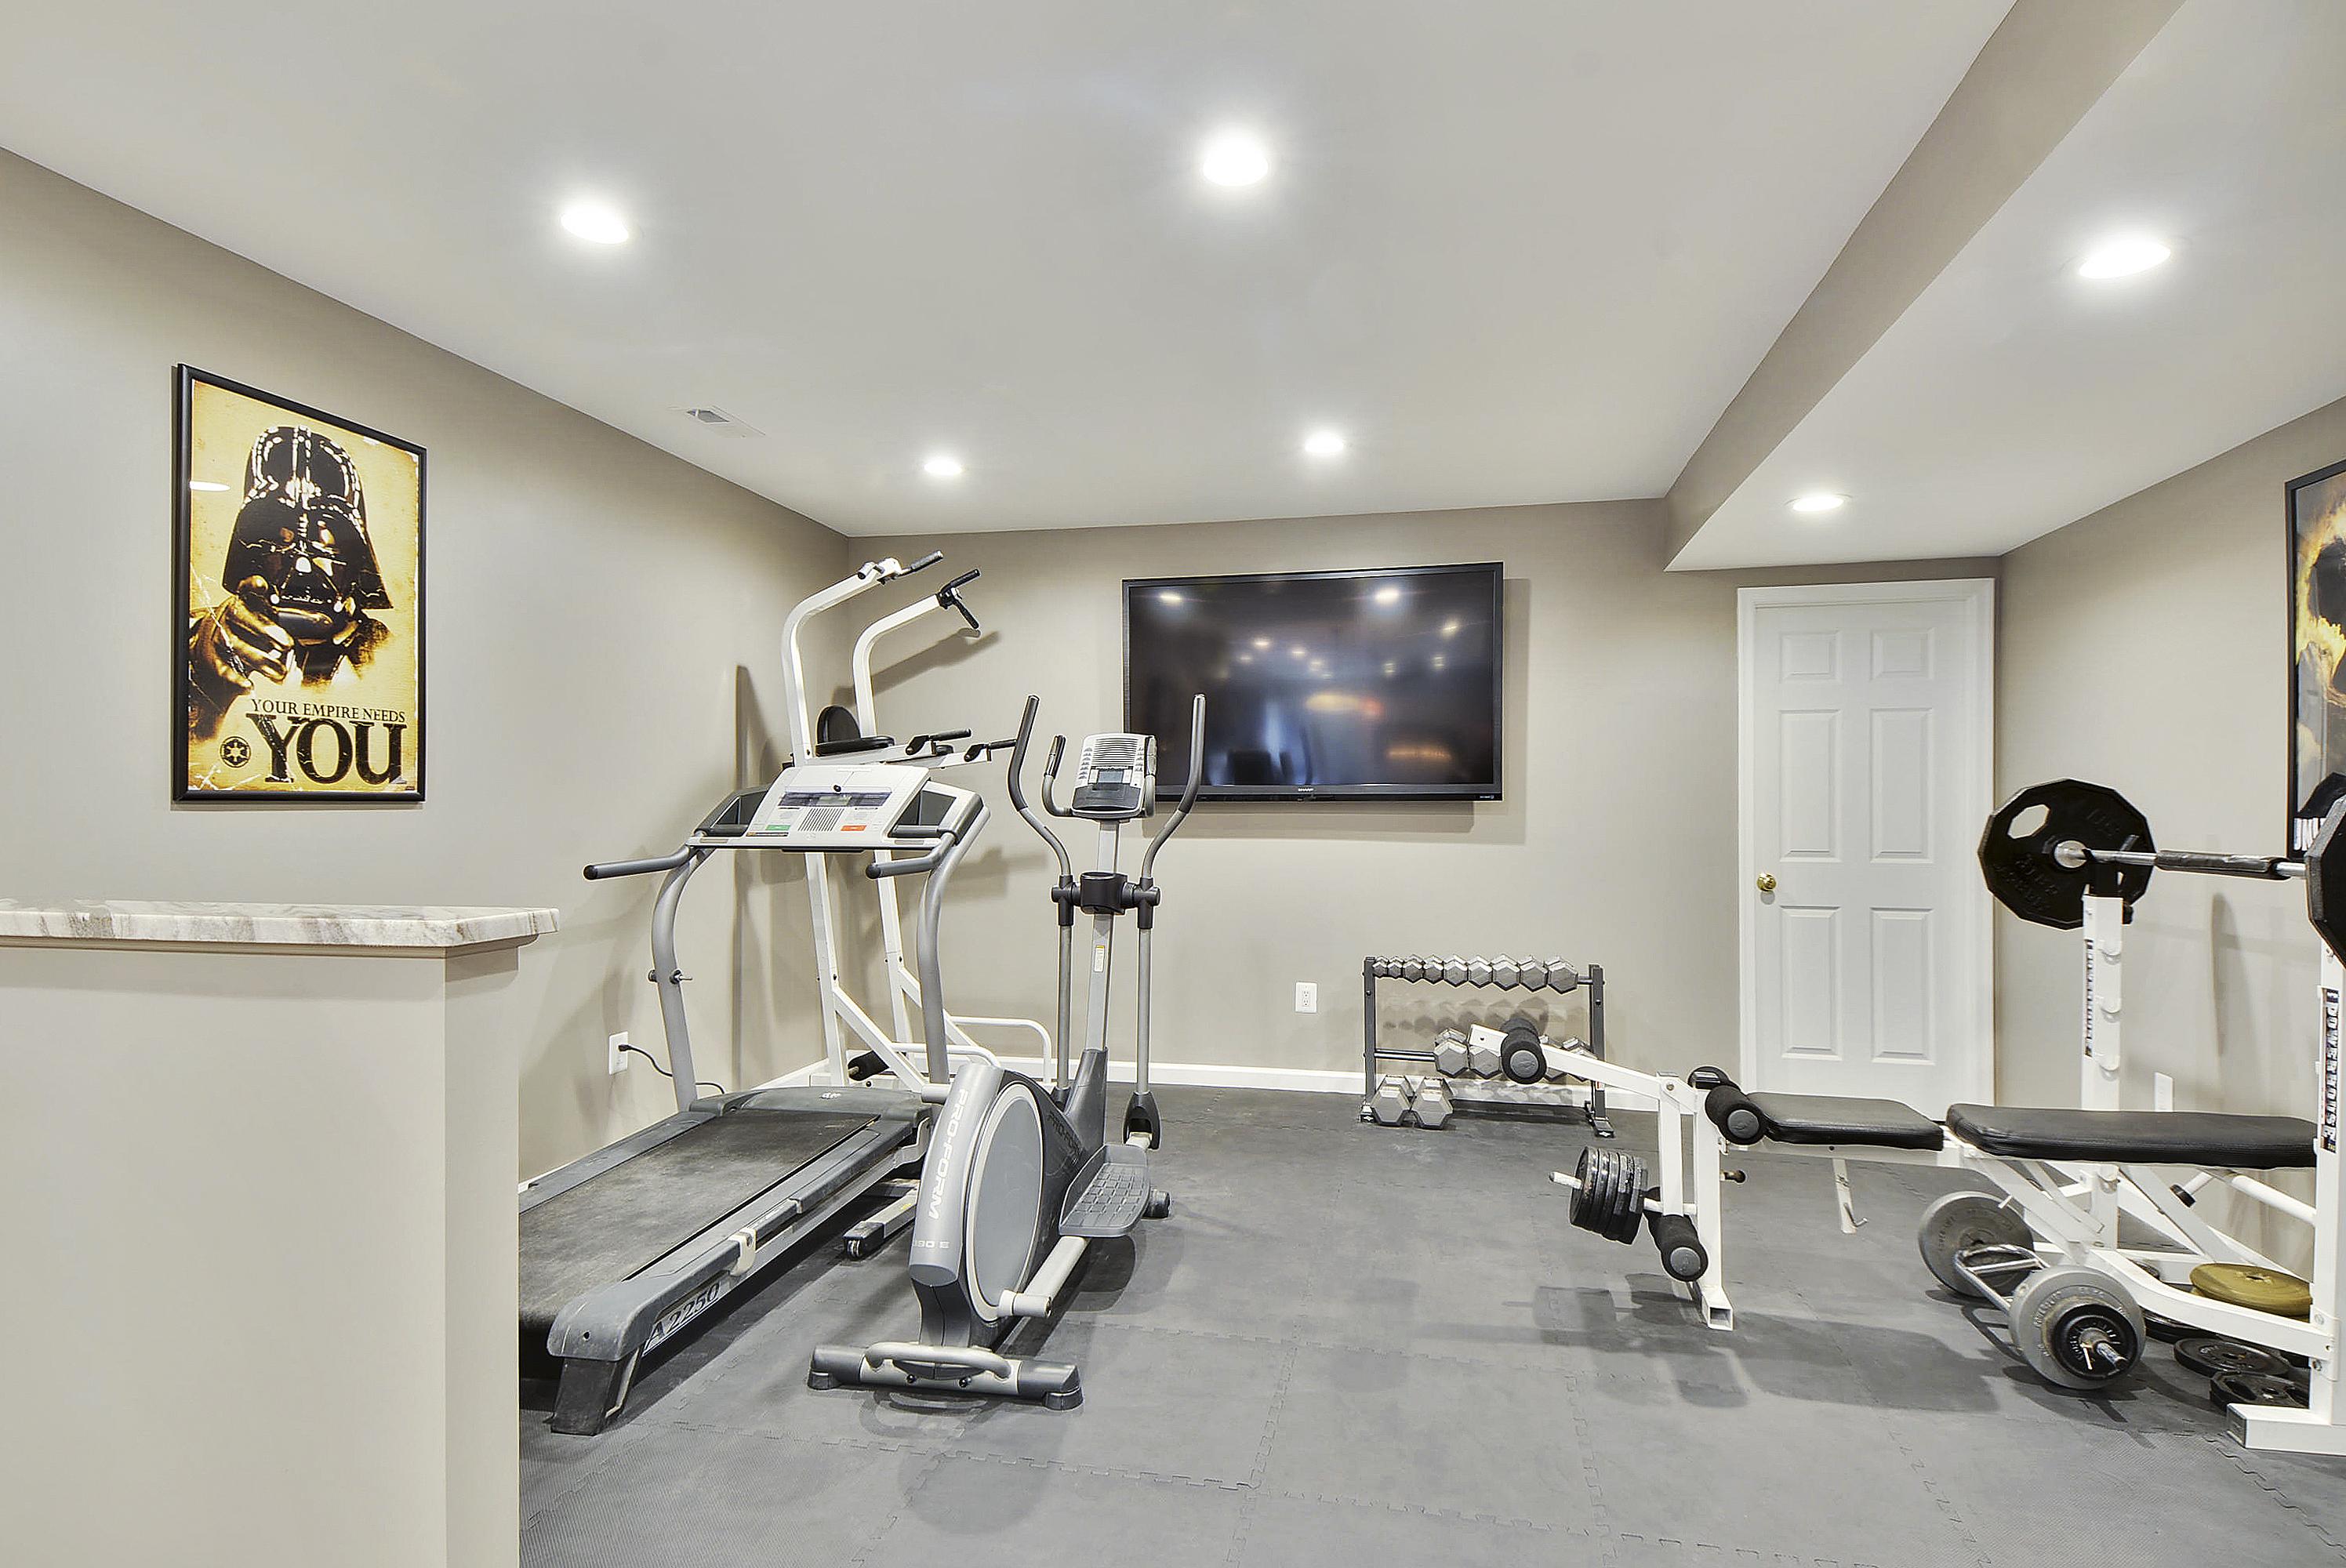 floor-plan-exercise-area-dsc3271